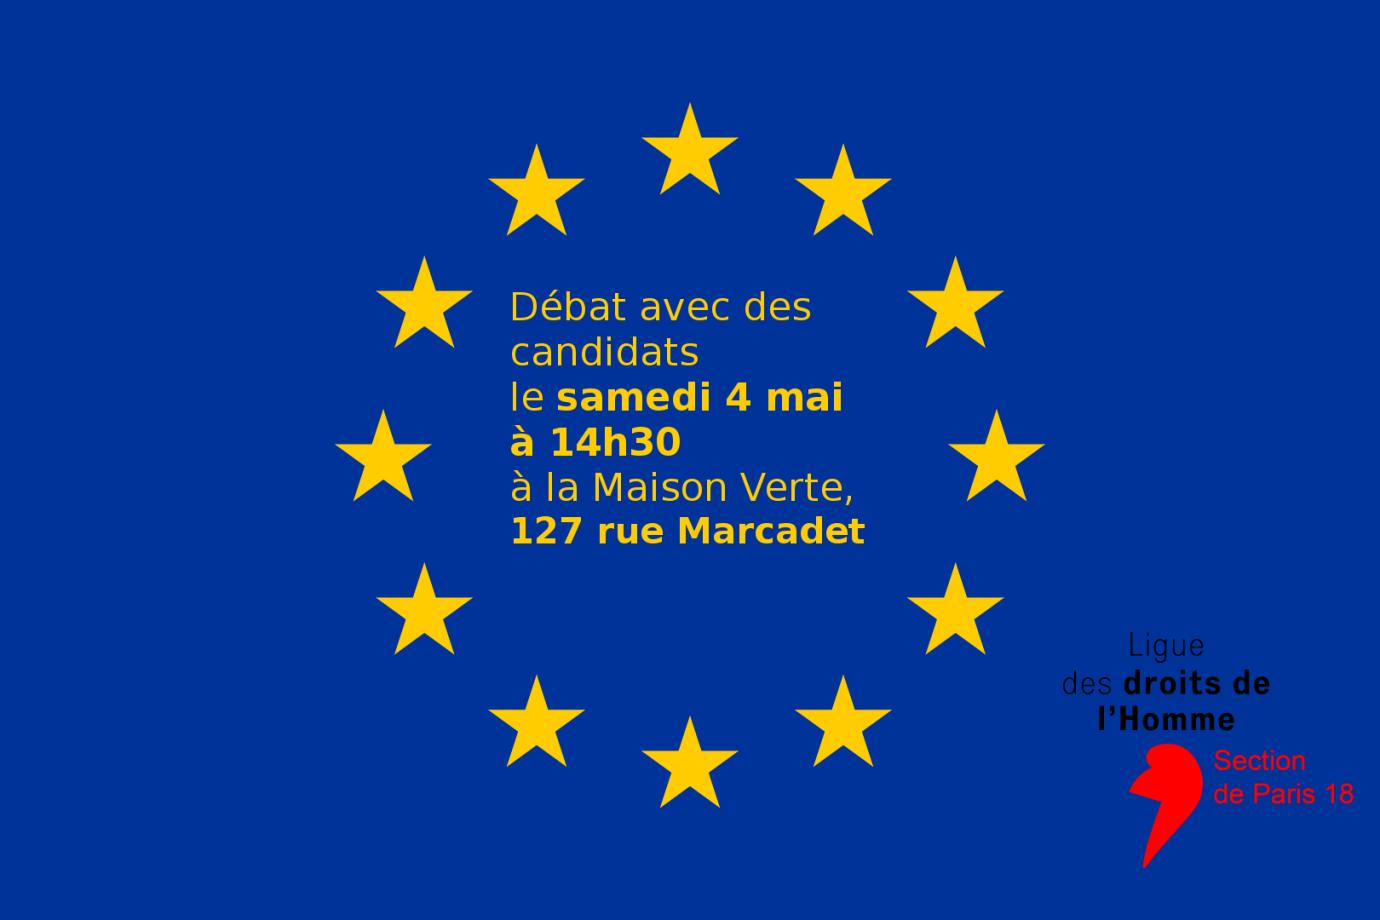 Débat le 4 mai à la Maison verte à 14h30 pour les élections européennes